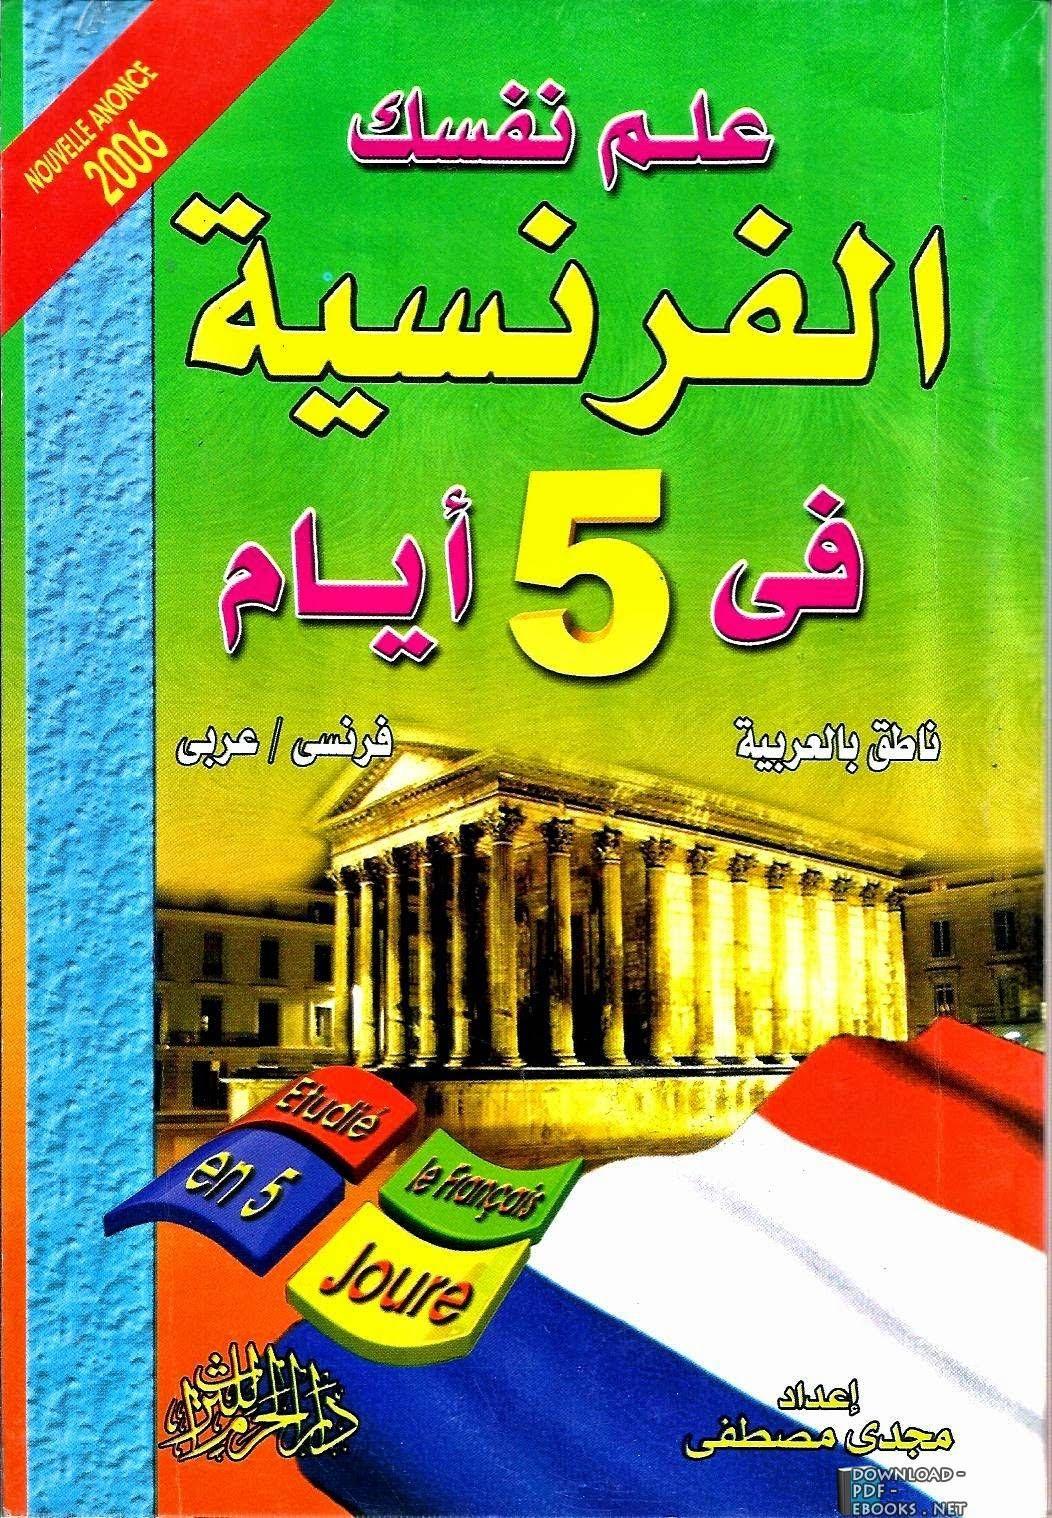 تحميل كتاب علم نفسك الفرنسية في 5 أيام Pdf My Books Education Books